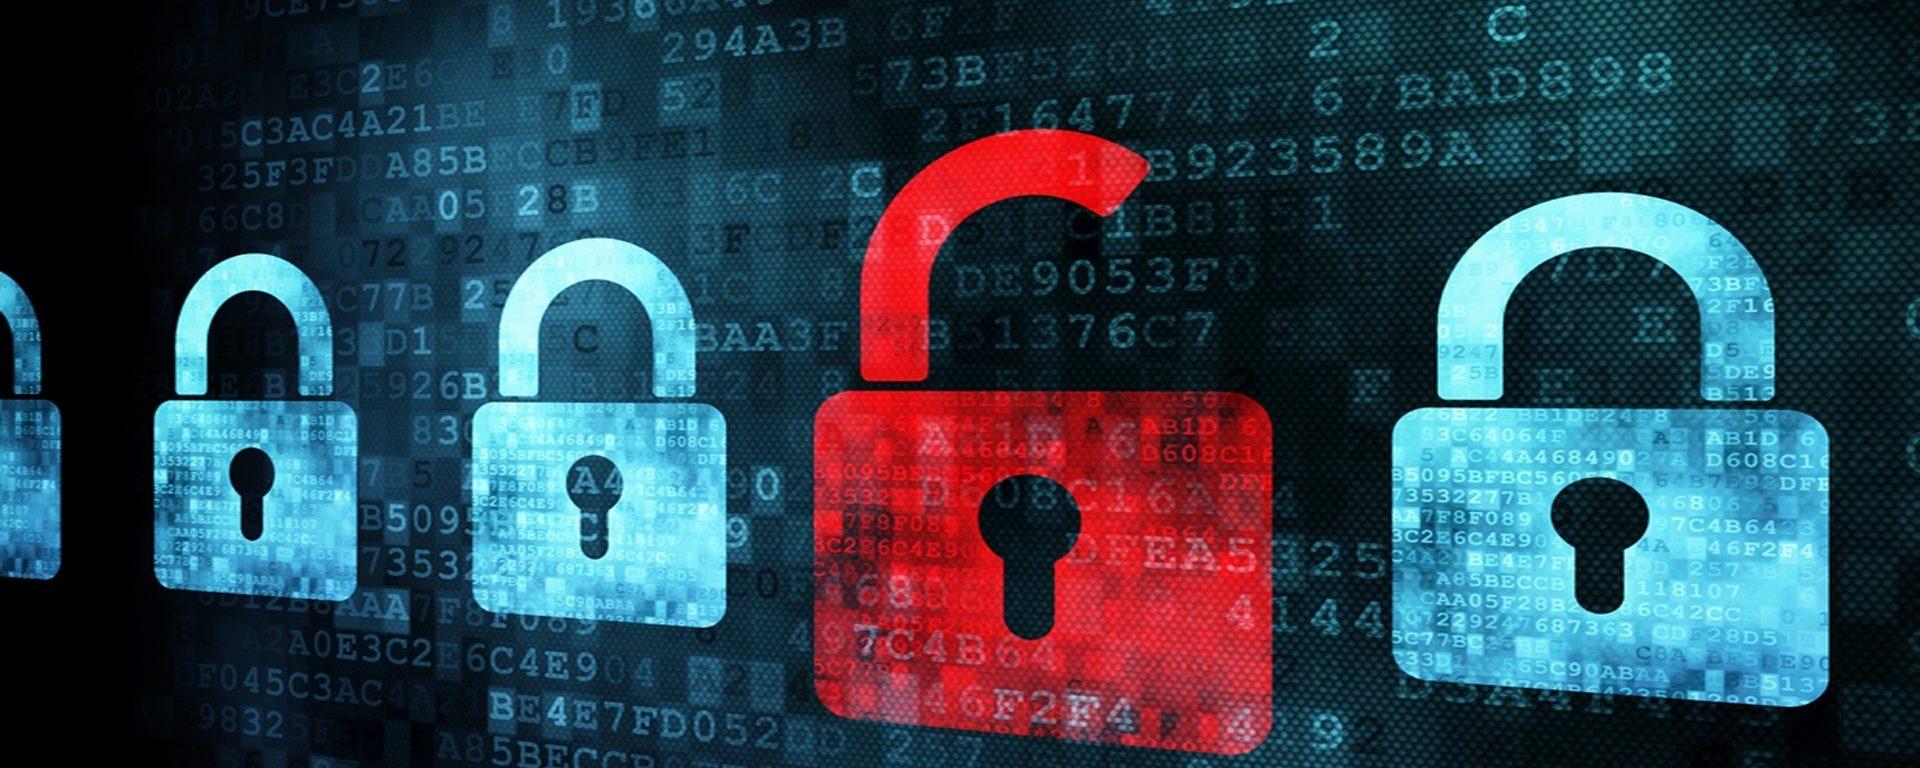 網站裝了 SSL 數位憑證就安全了嗎?